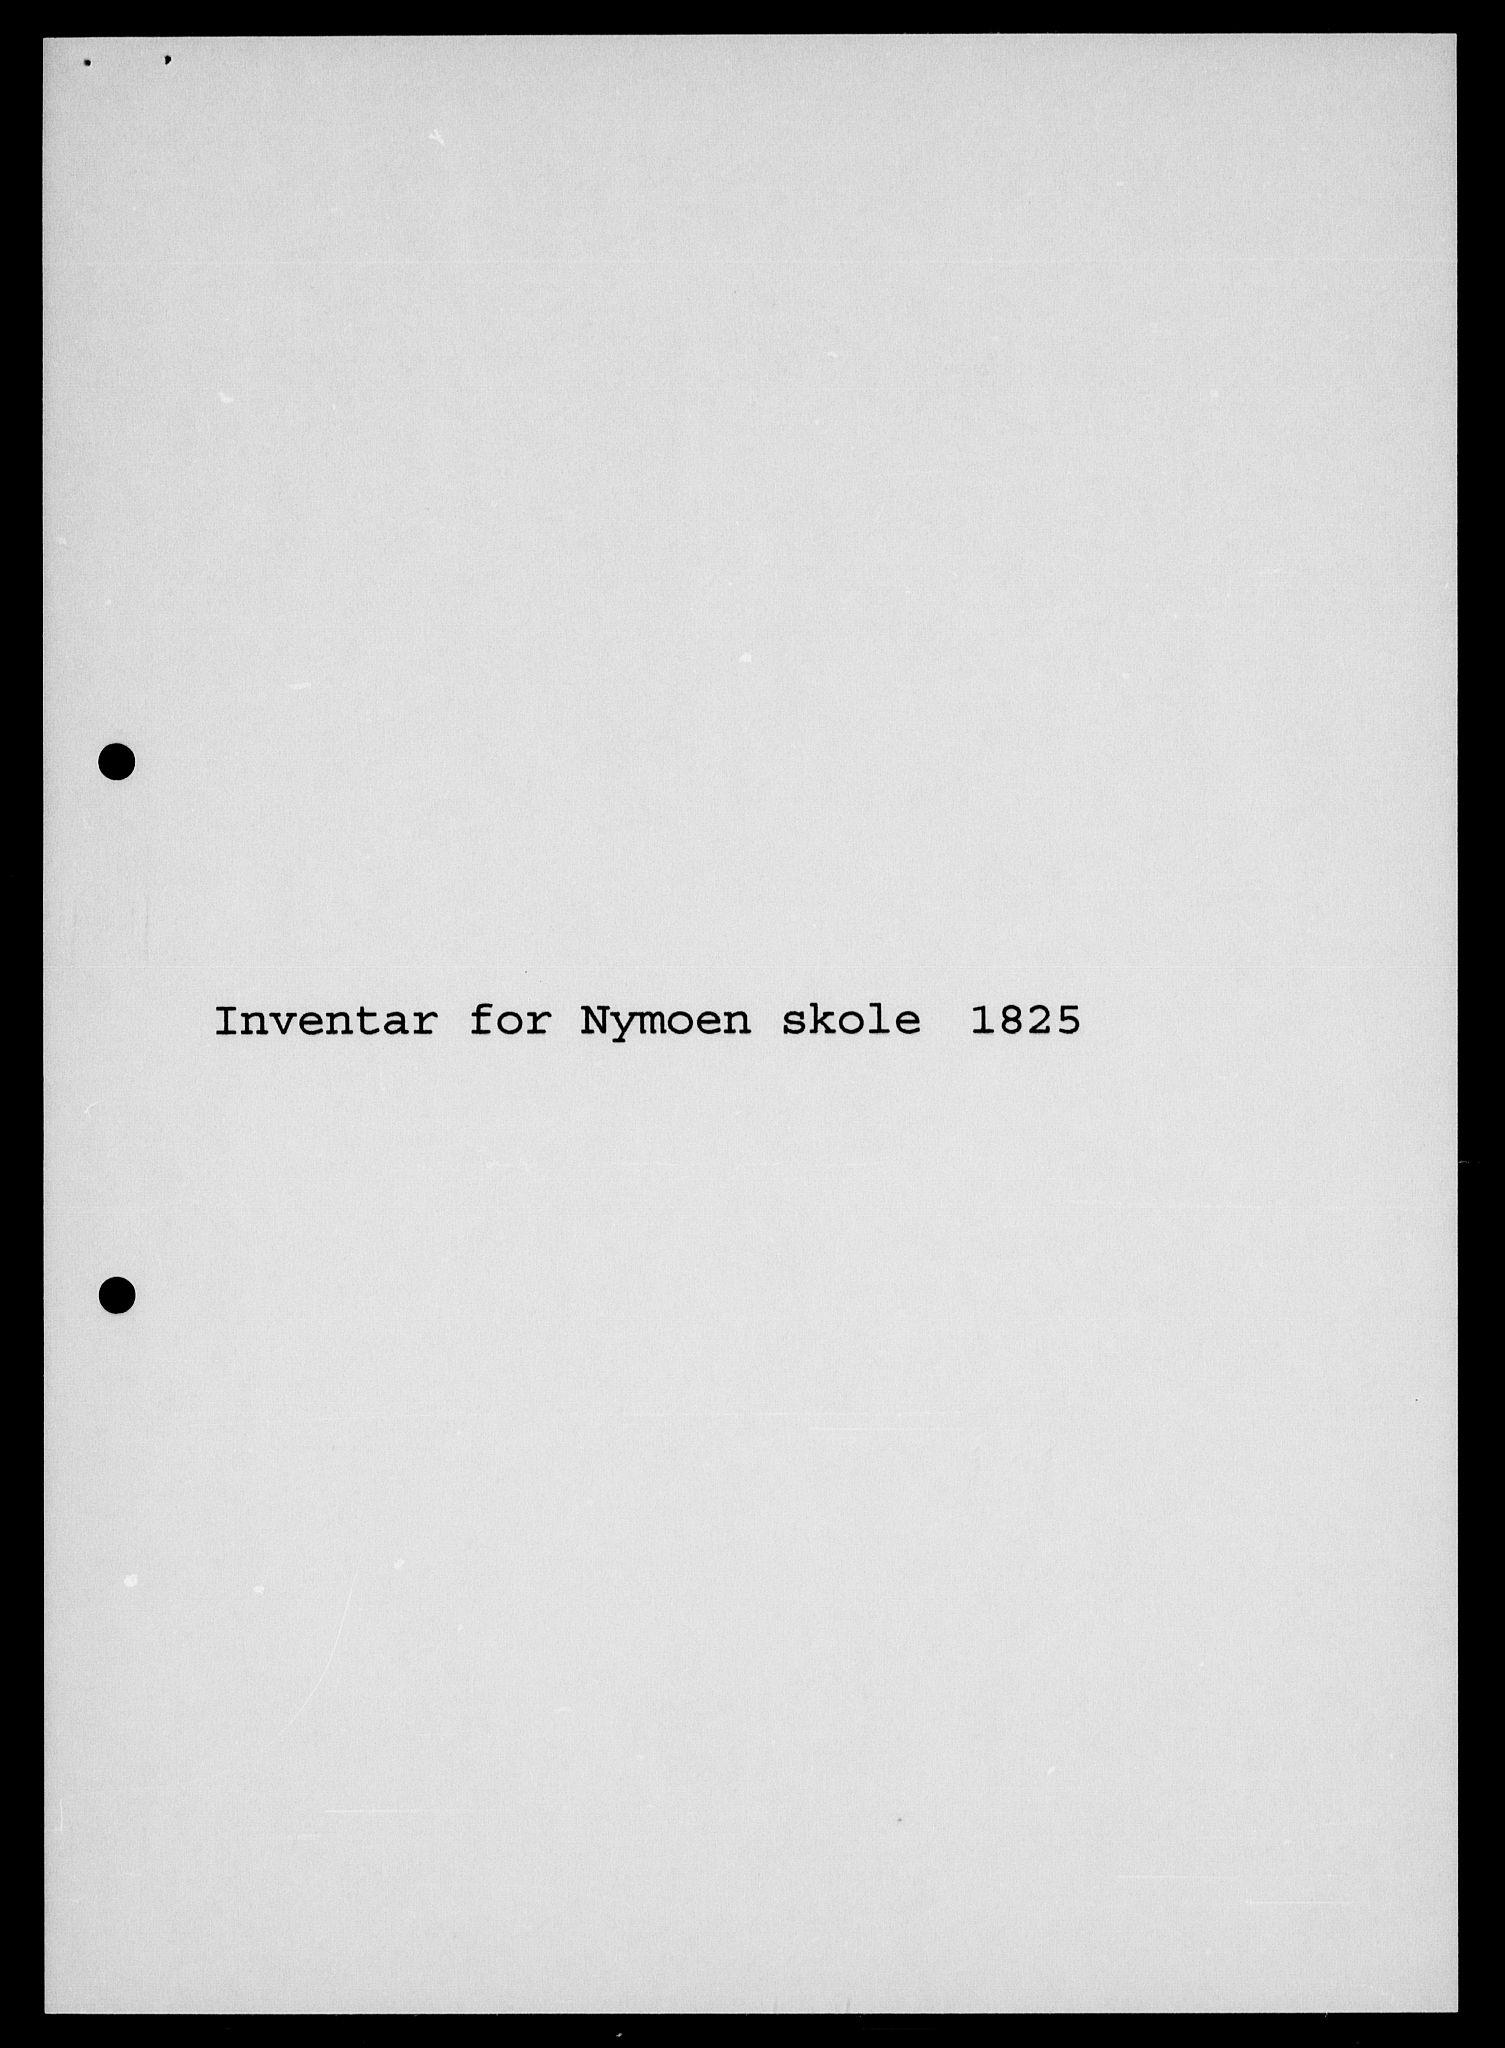 RA, Modums Blaafarveværk, G/Gi/L0381, 1823-1848, s. 2